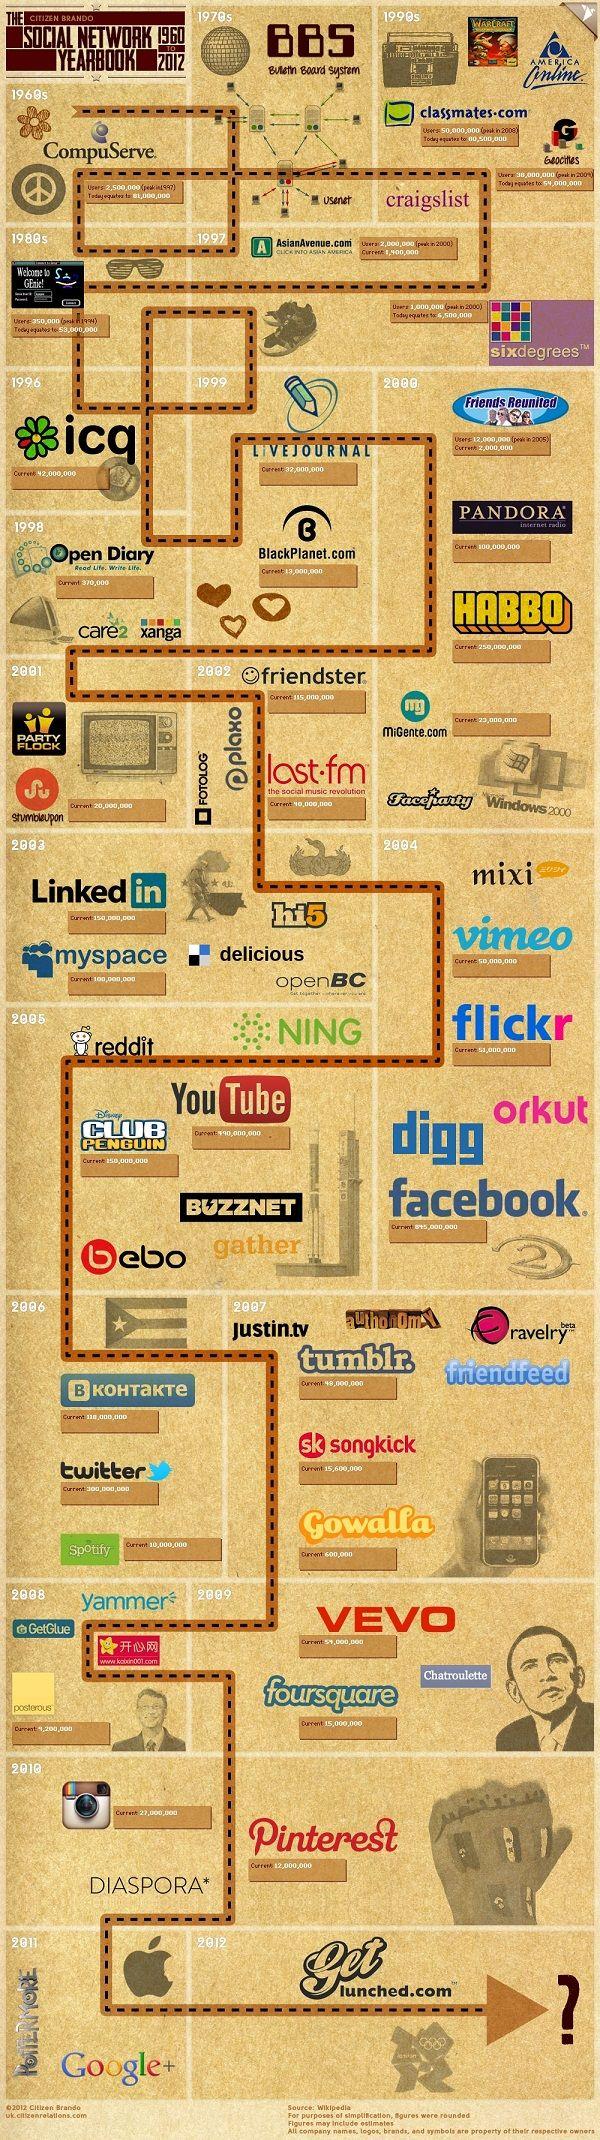 Развитие социальных медиа 1960-2012